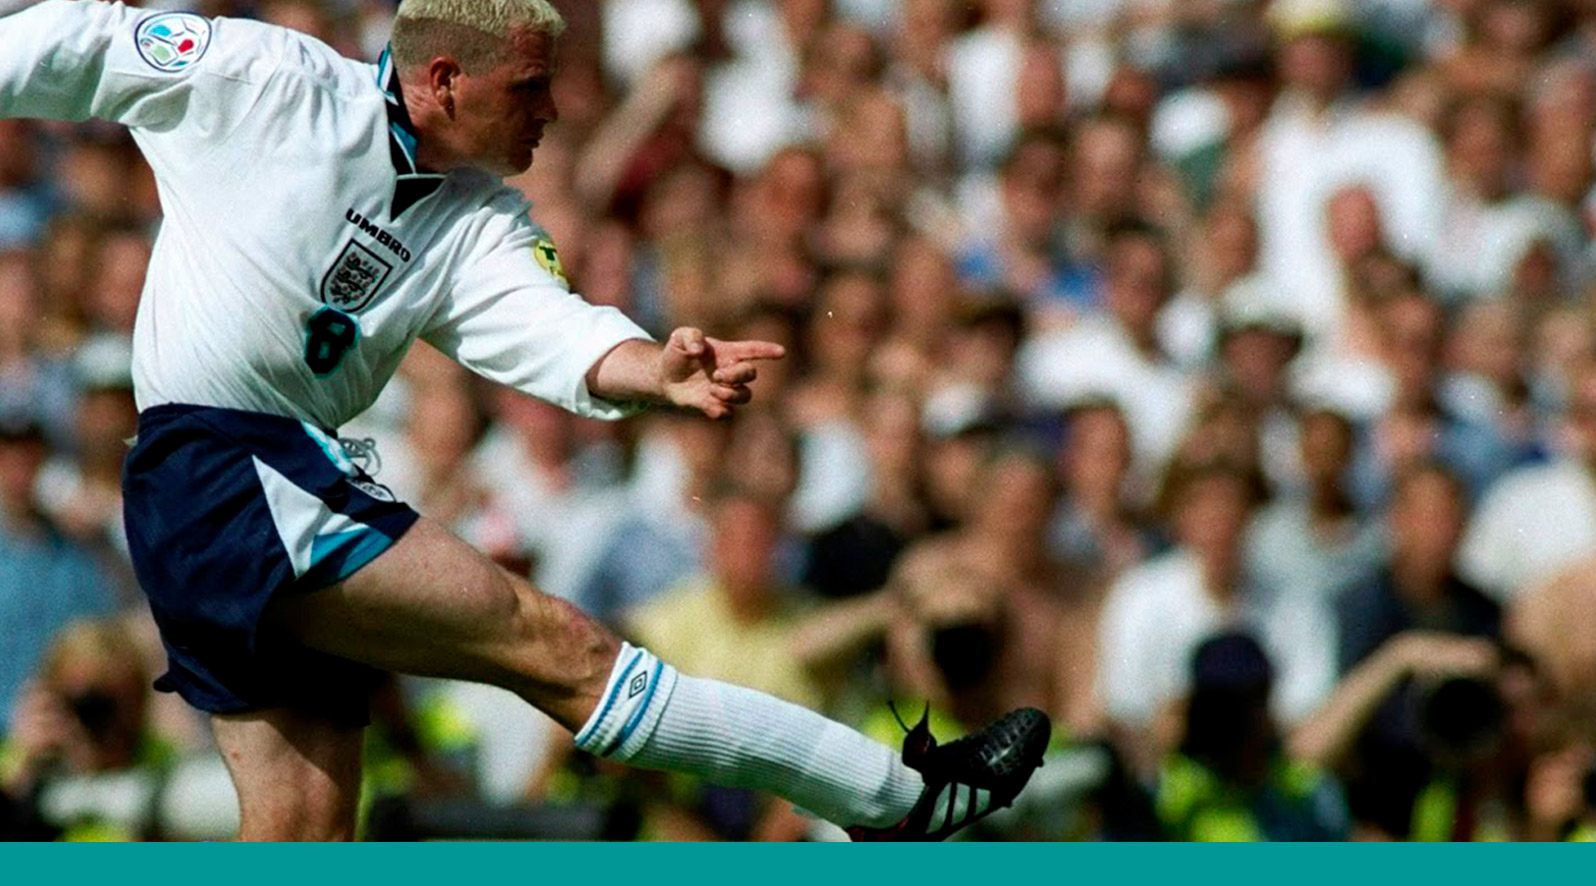 Euro-96-When-Football-Came-Home-Carousel-4